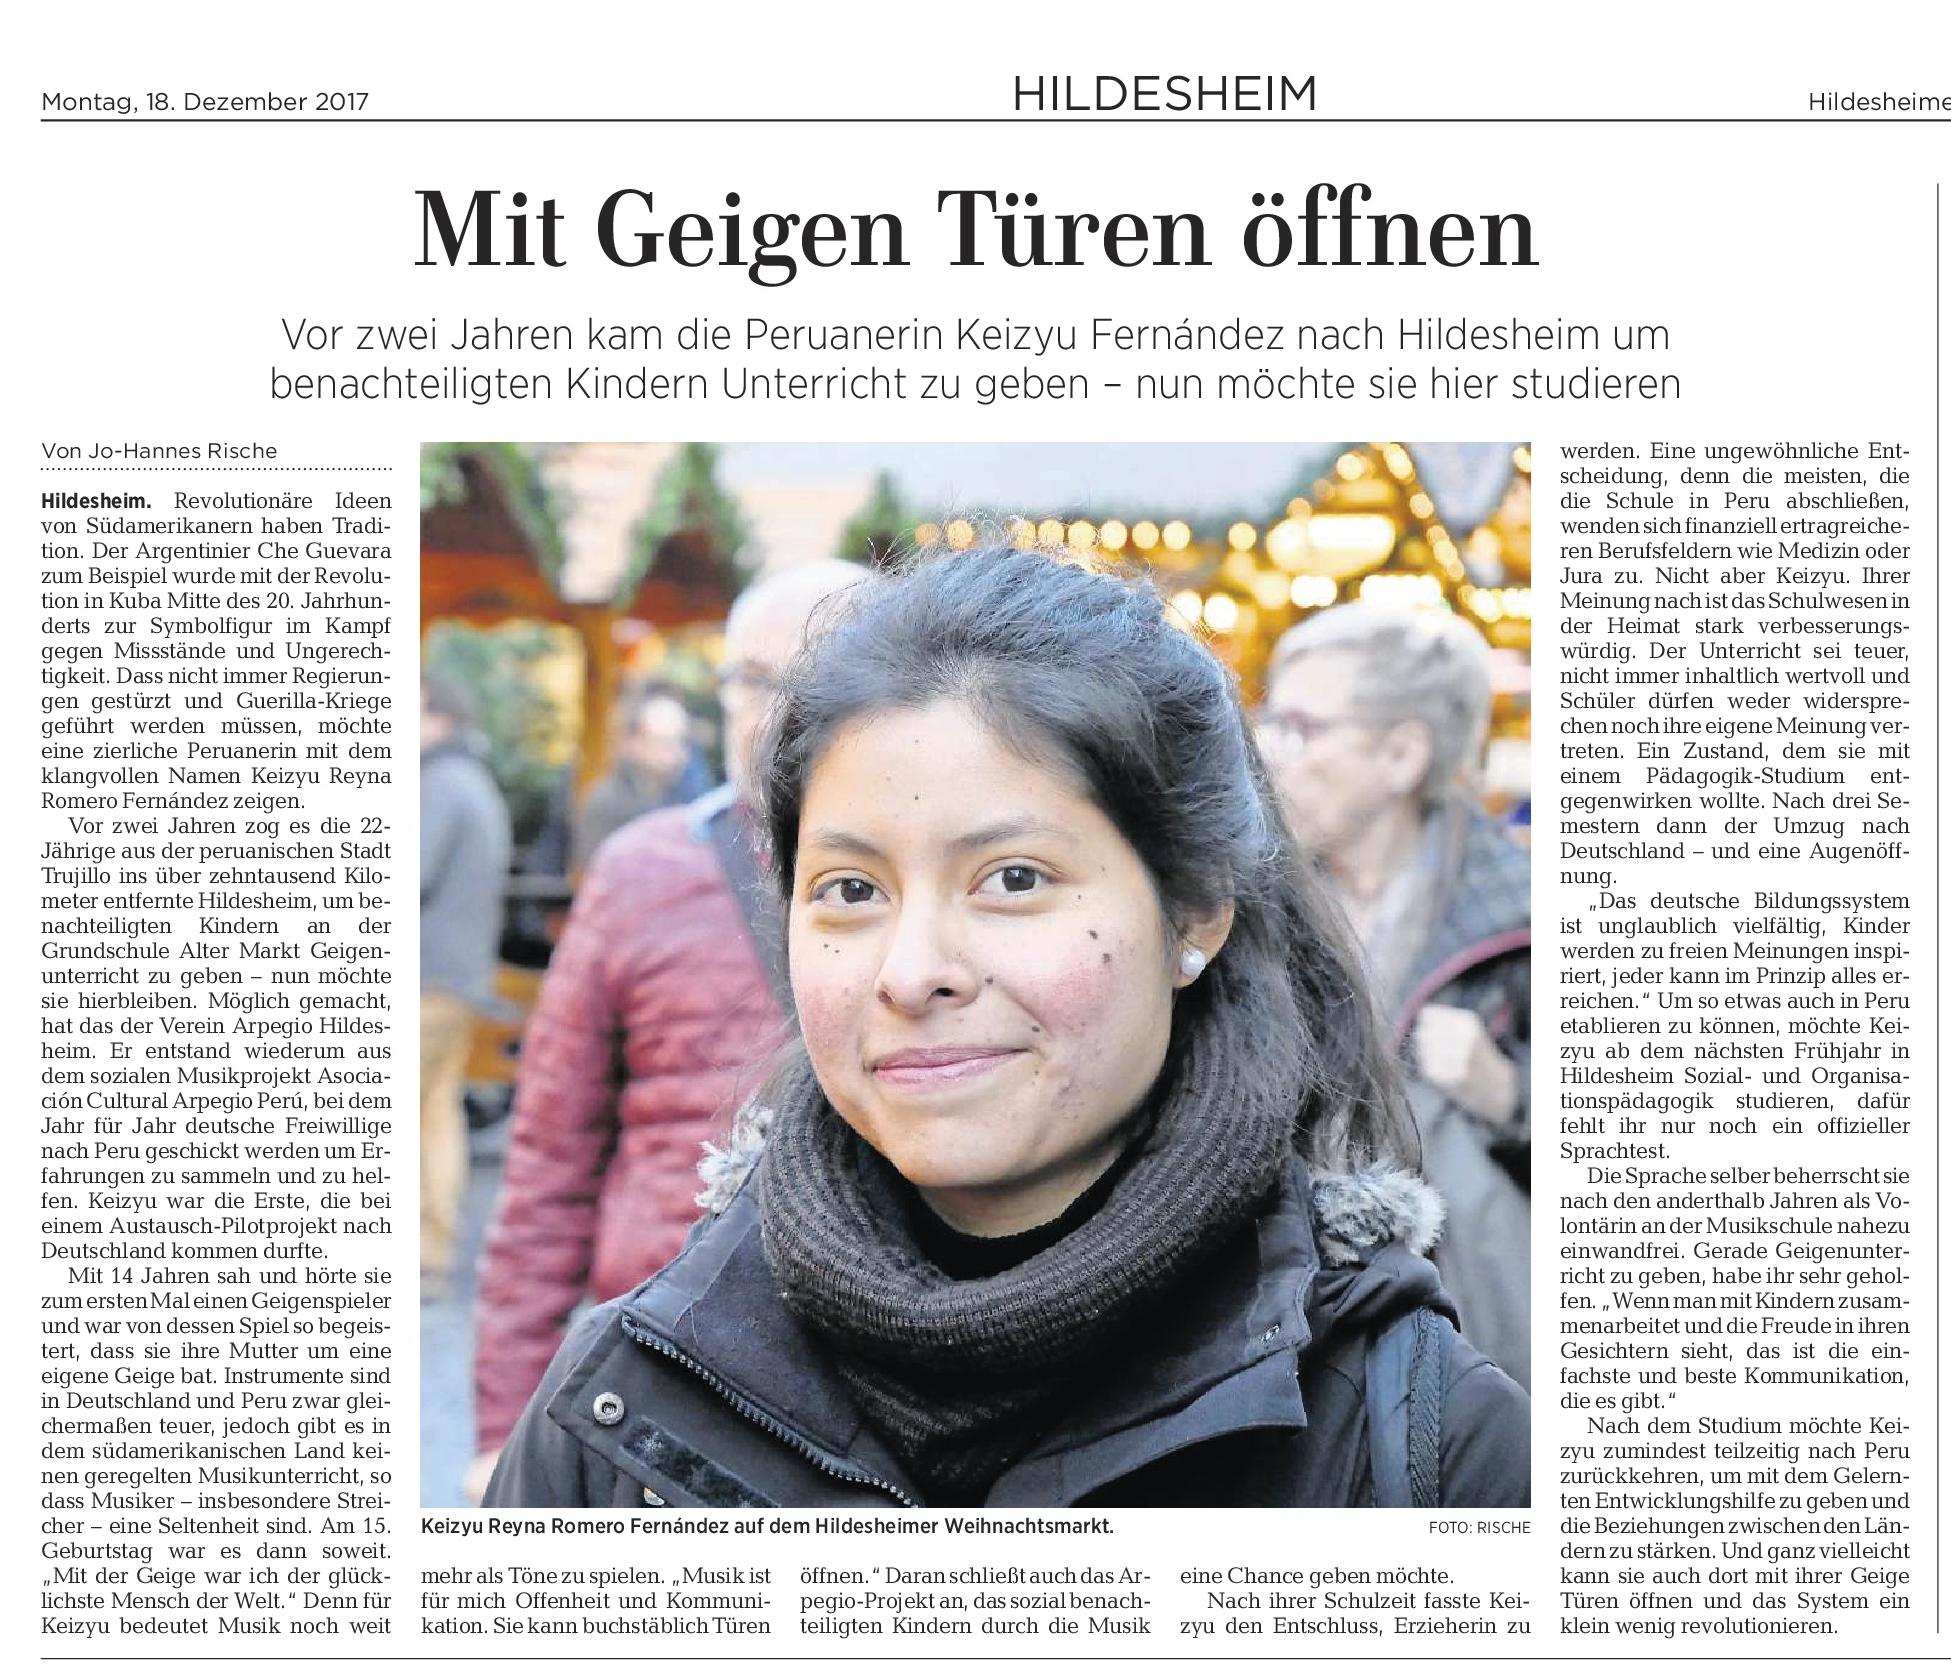 18.12.2017 Quelle: Hildesheimer Allgemeine Zeitung